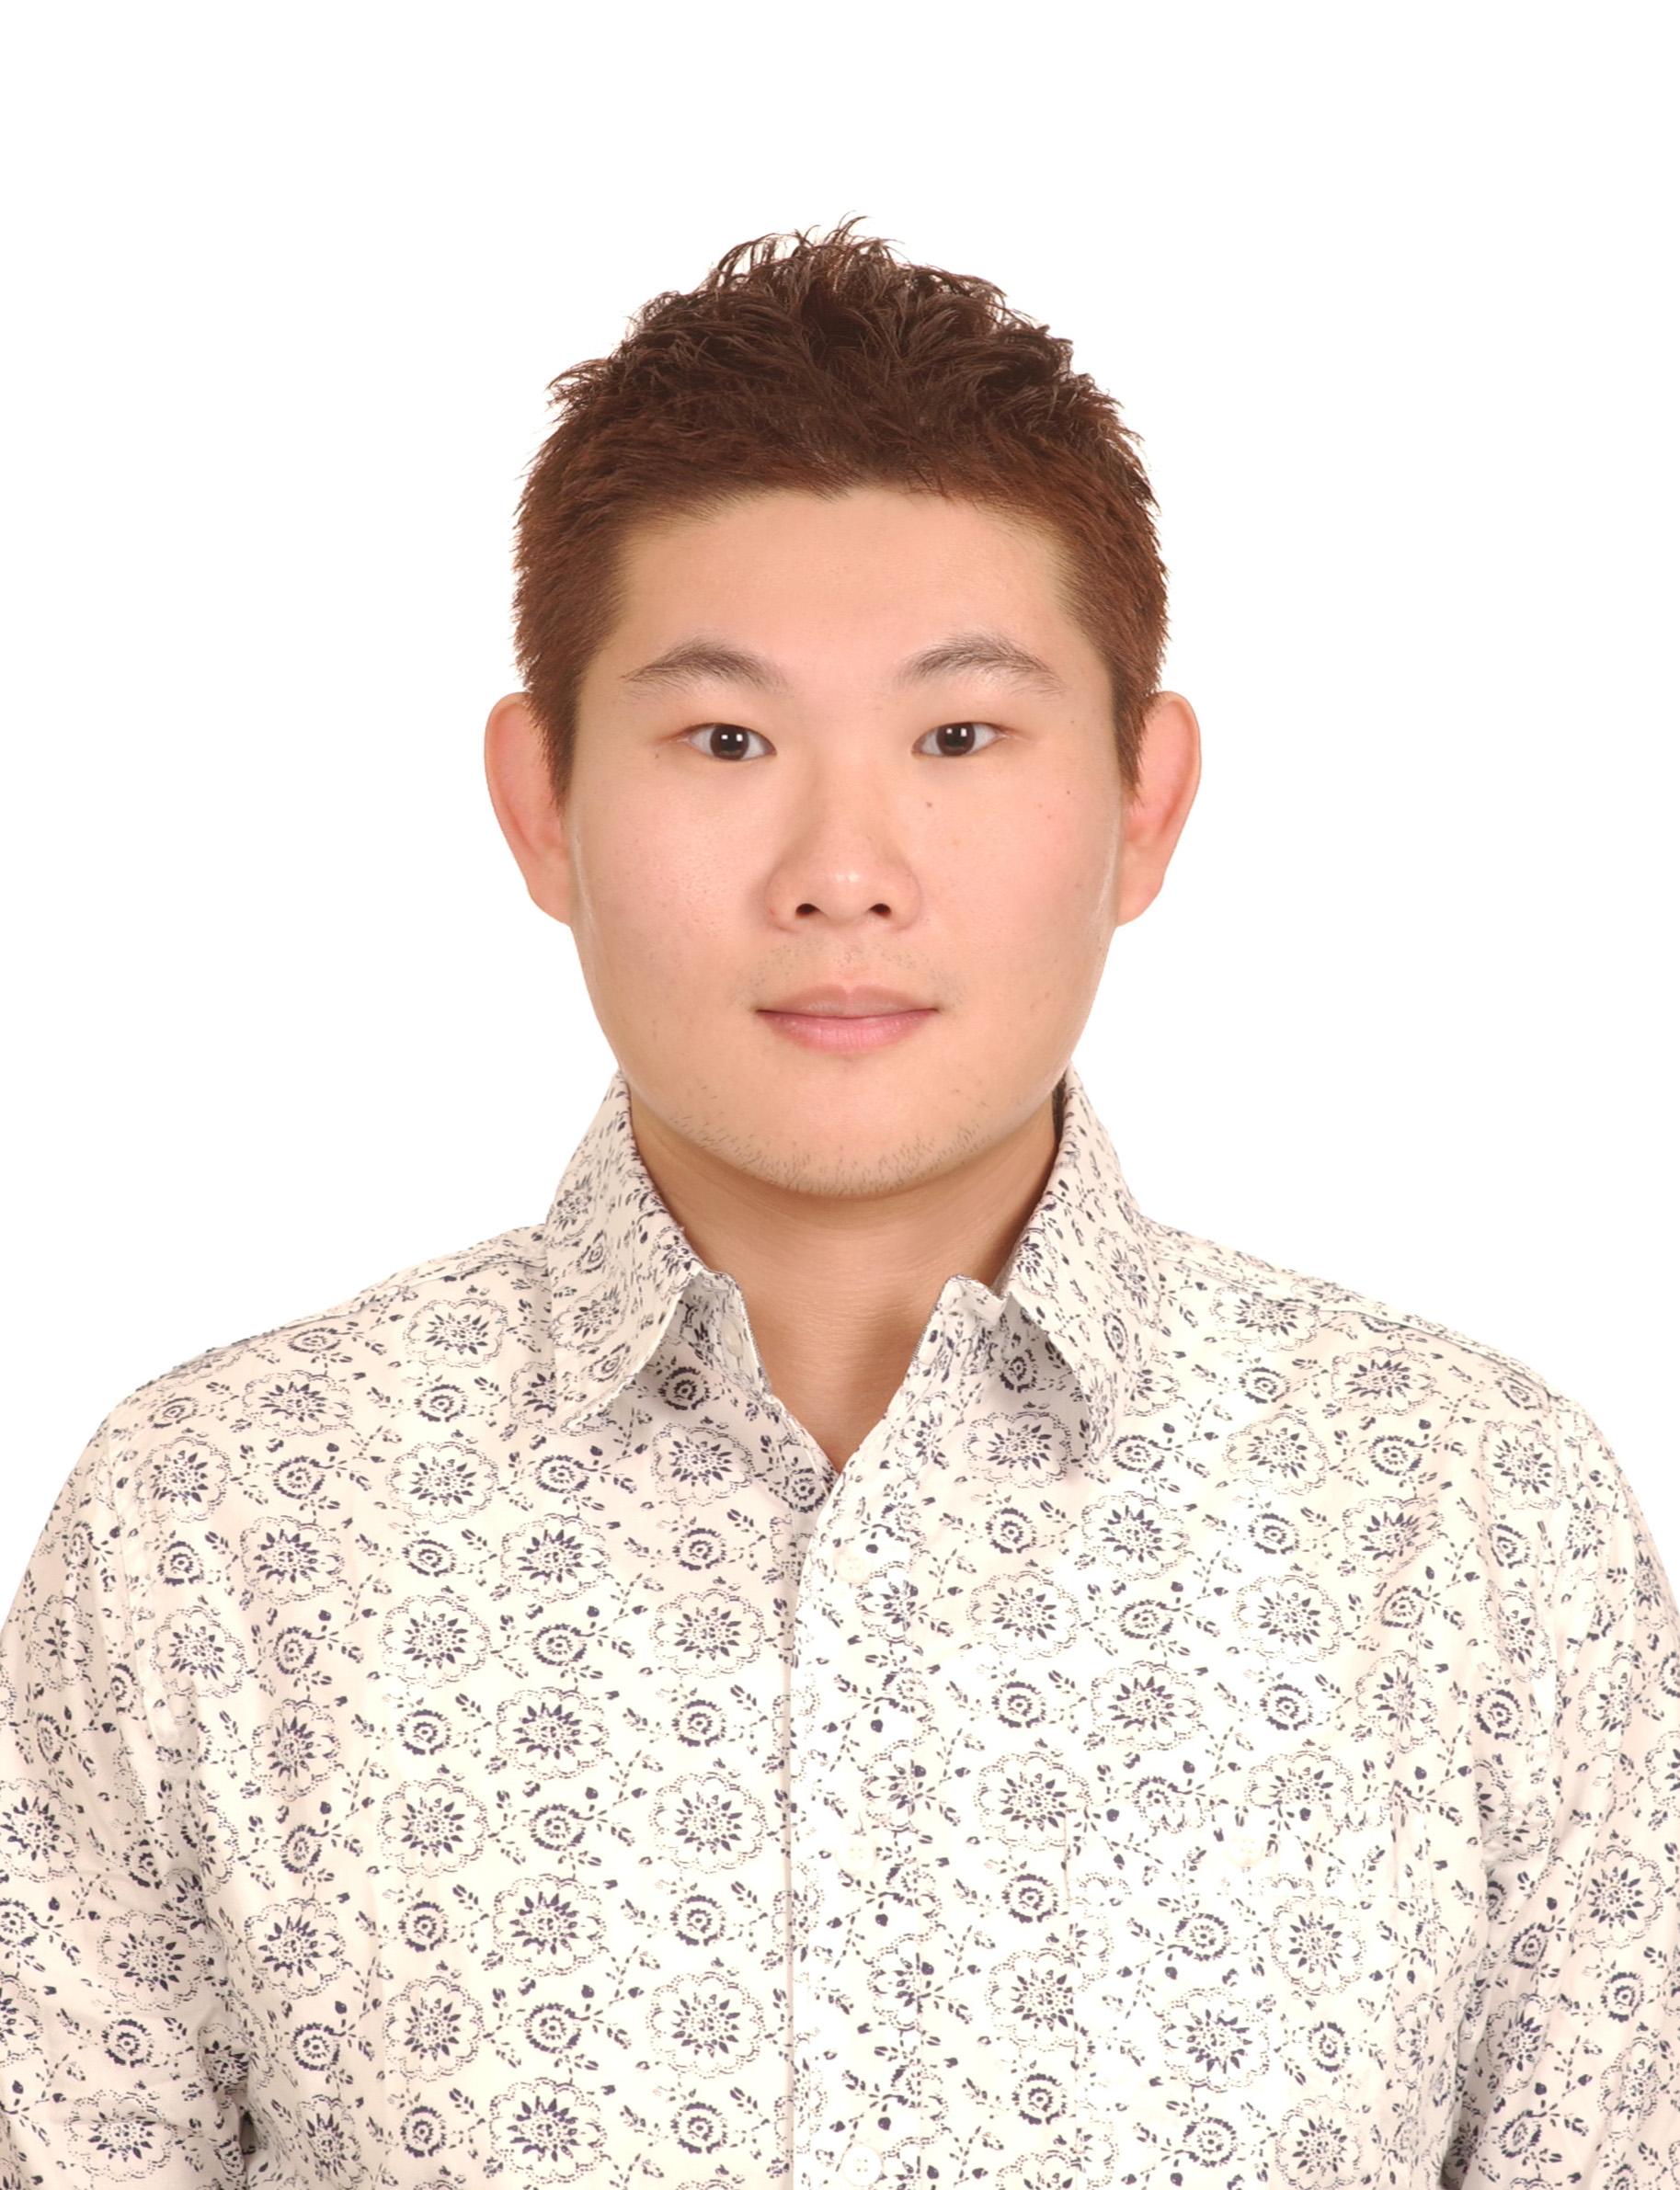 Yang,Chun-Hao